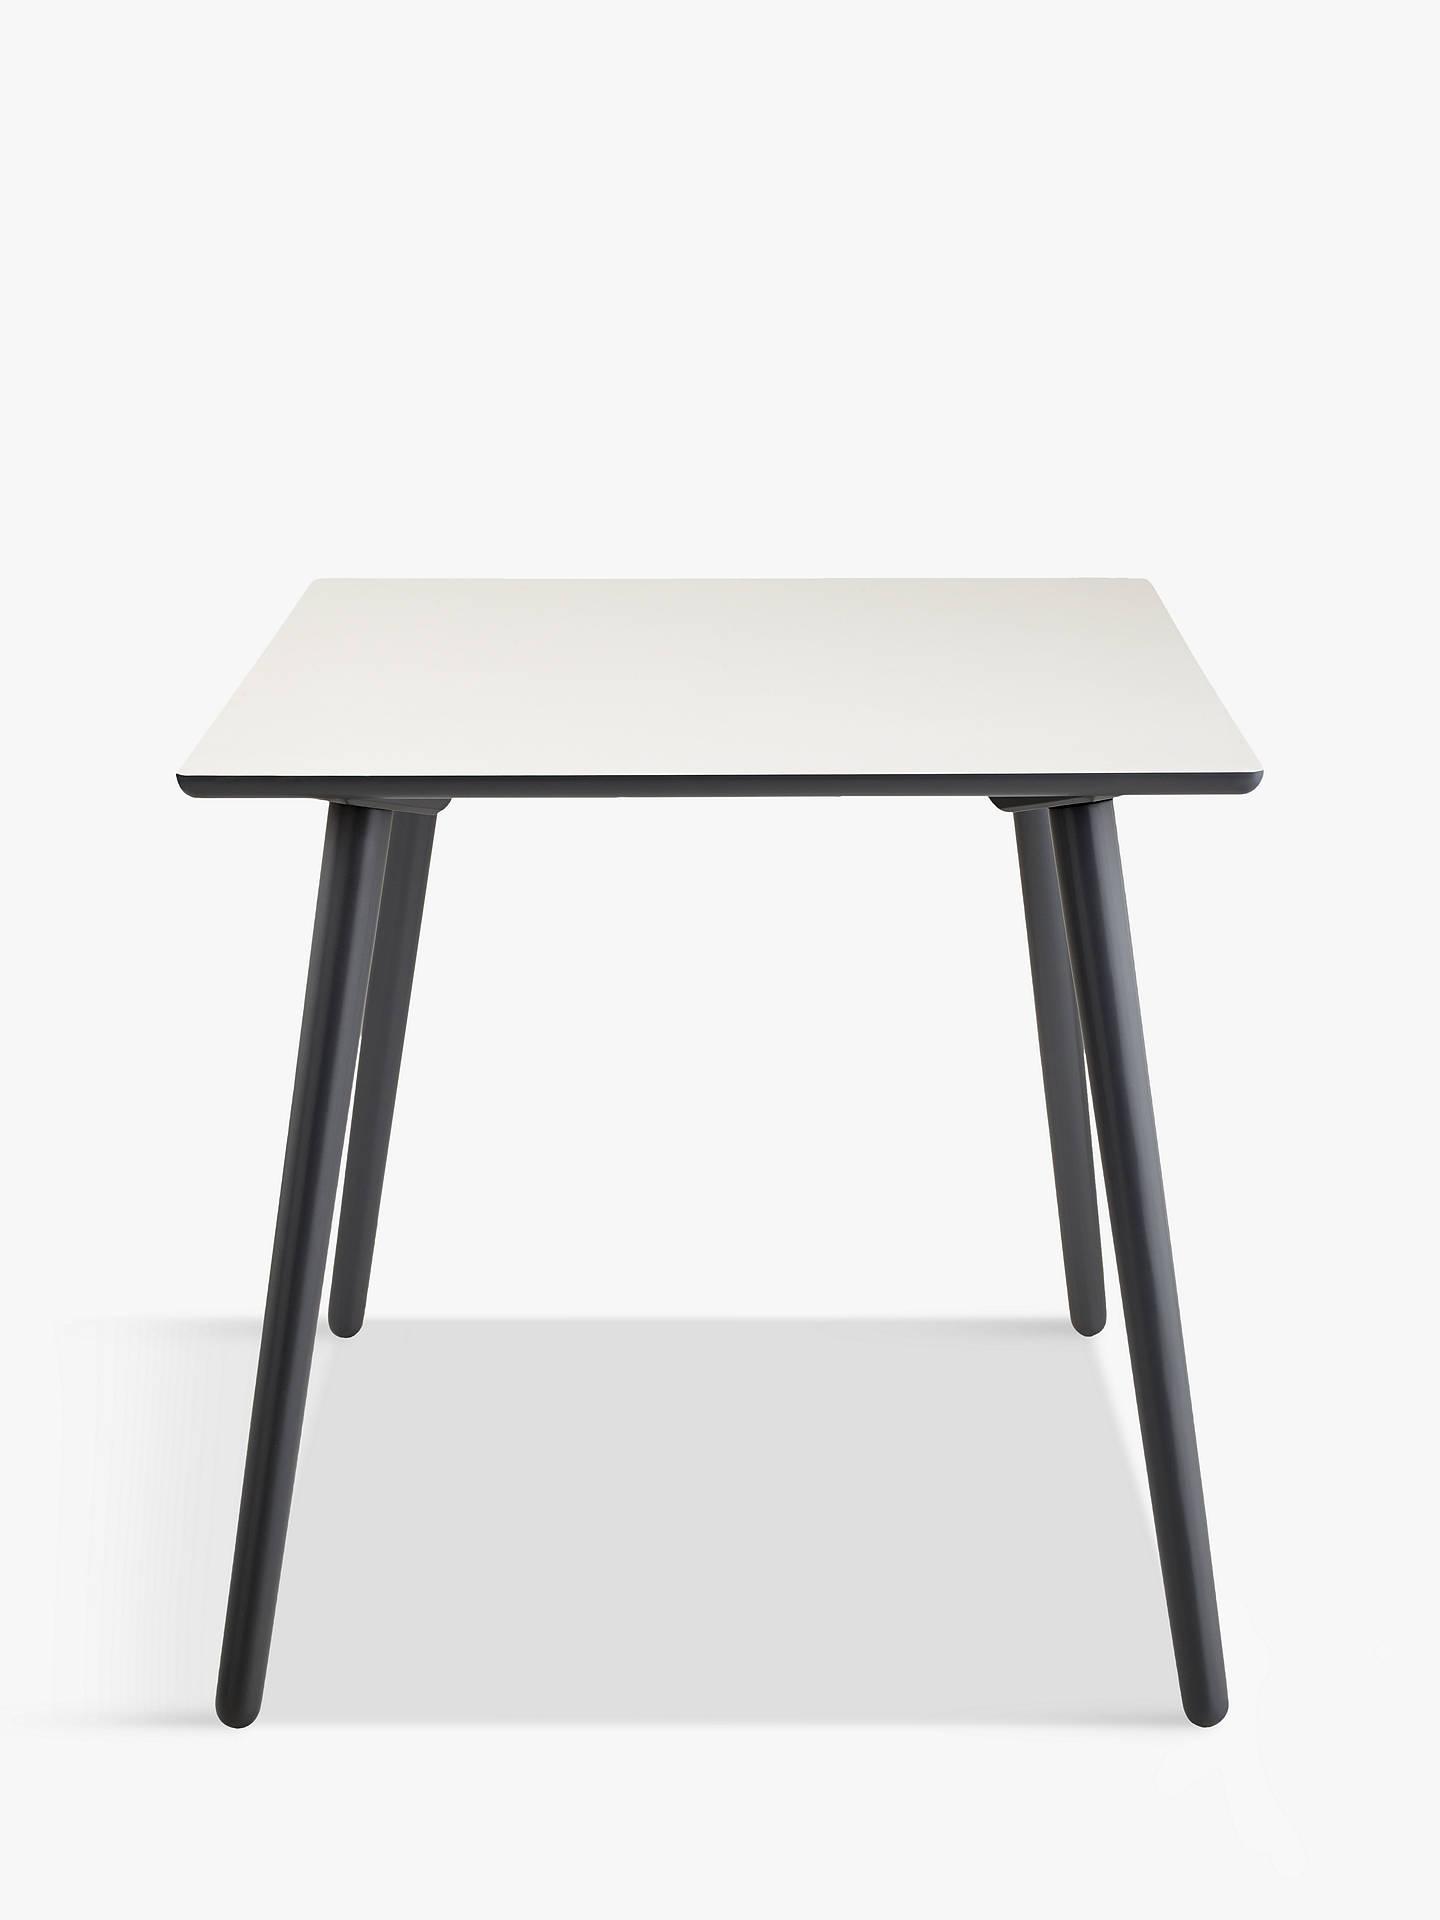 housejohn lewis luna 4 seater laminate dining table